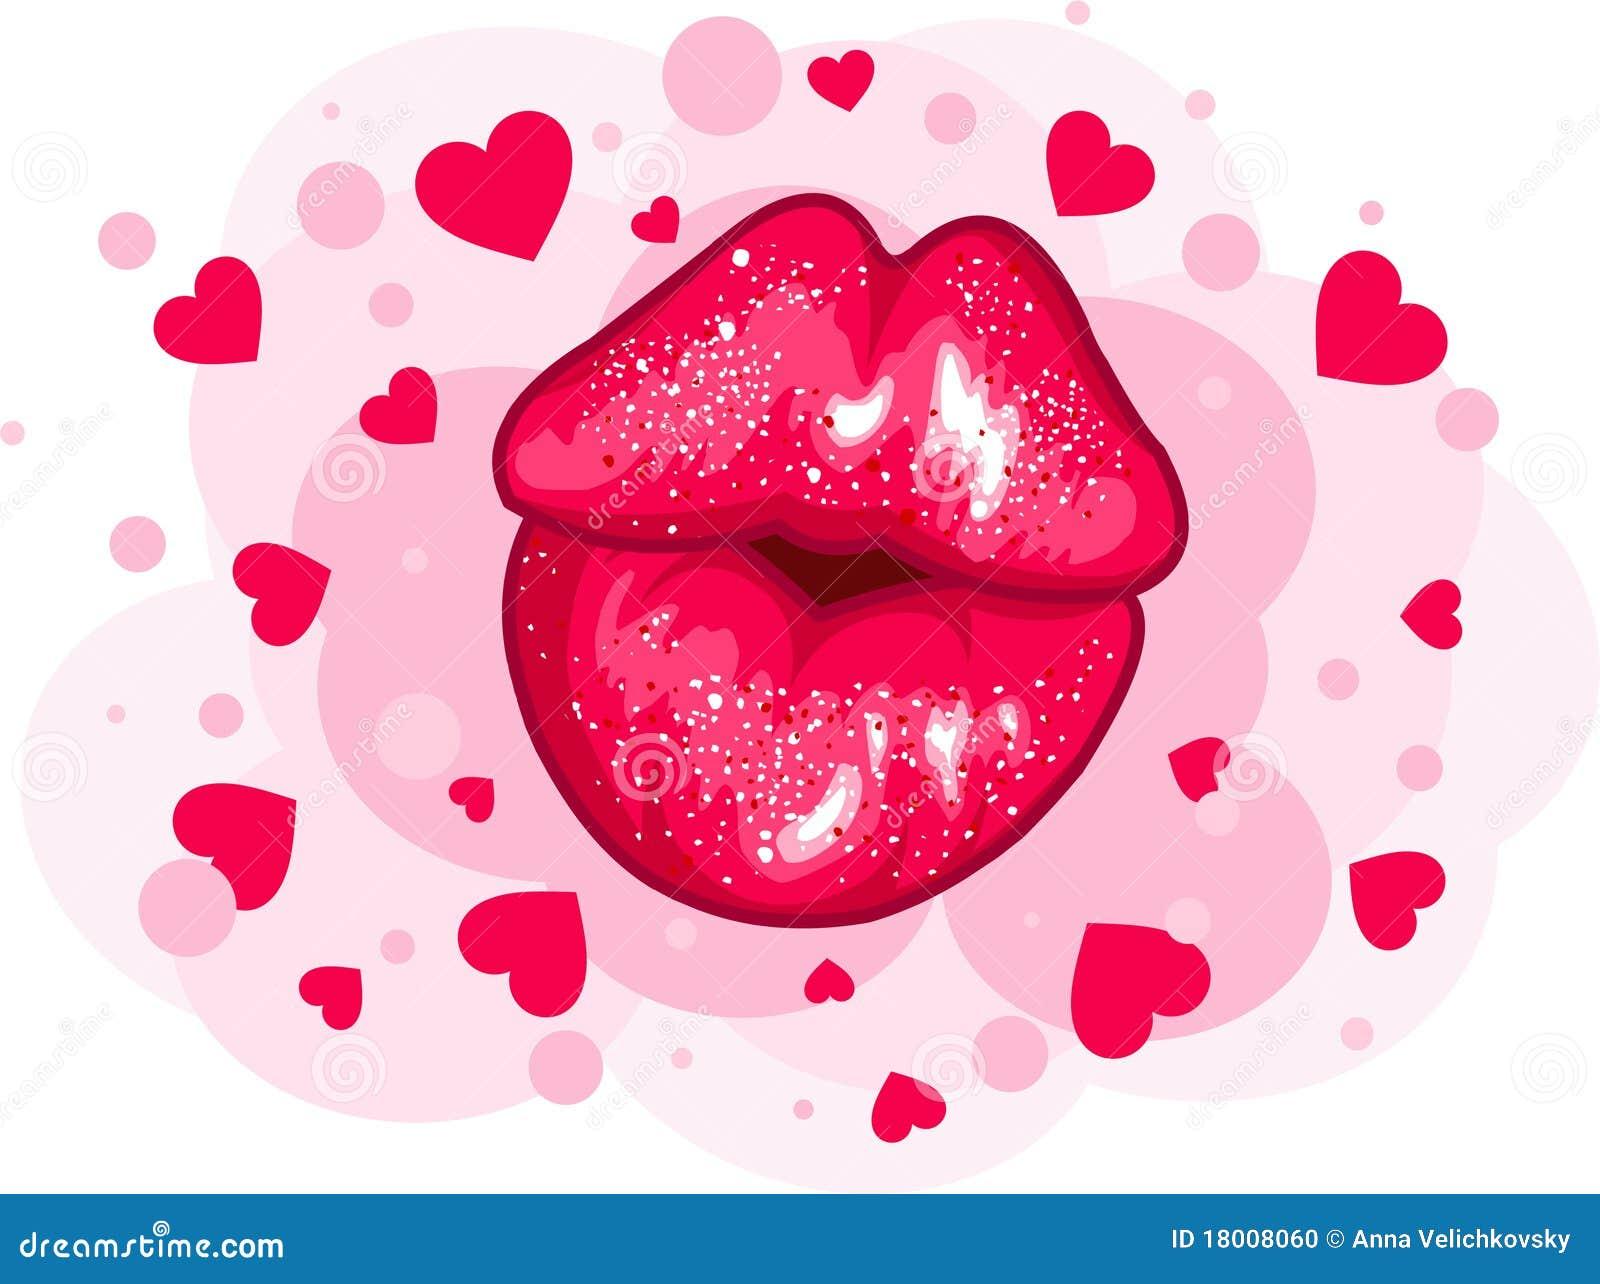 SMS bonjour : bonne journe mon amour Parler d'Amour